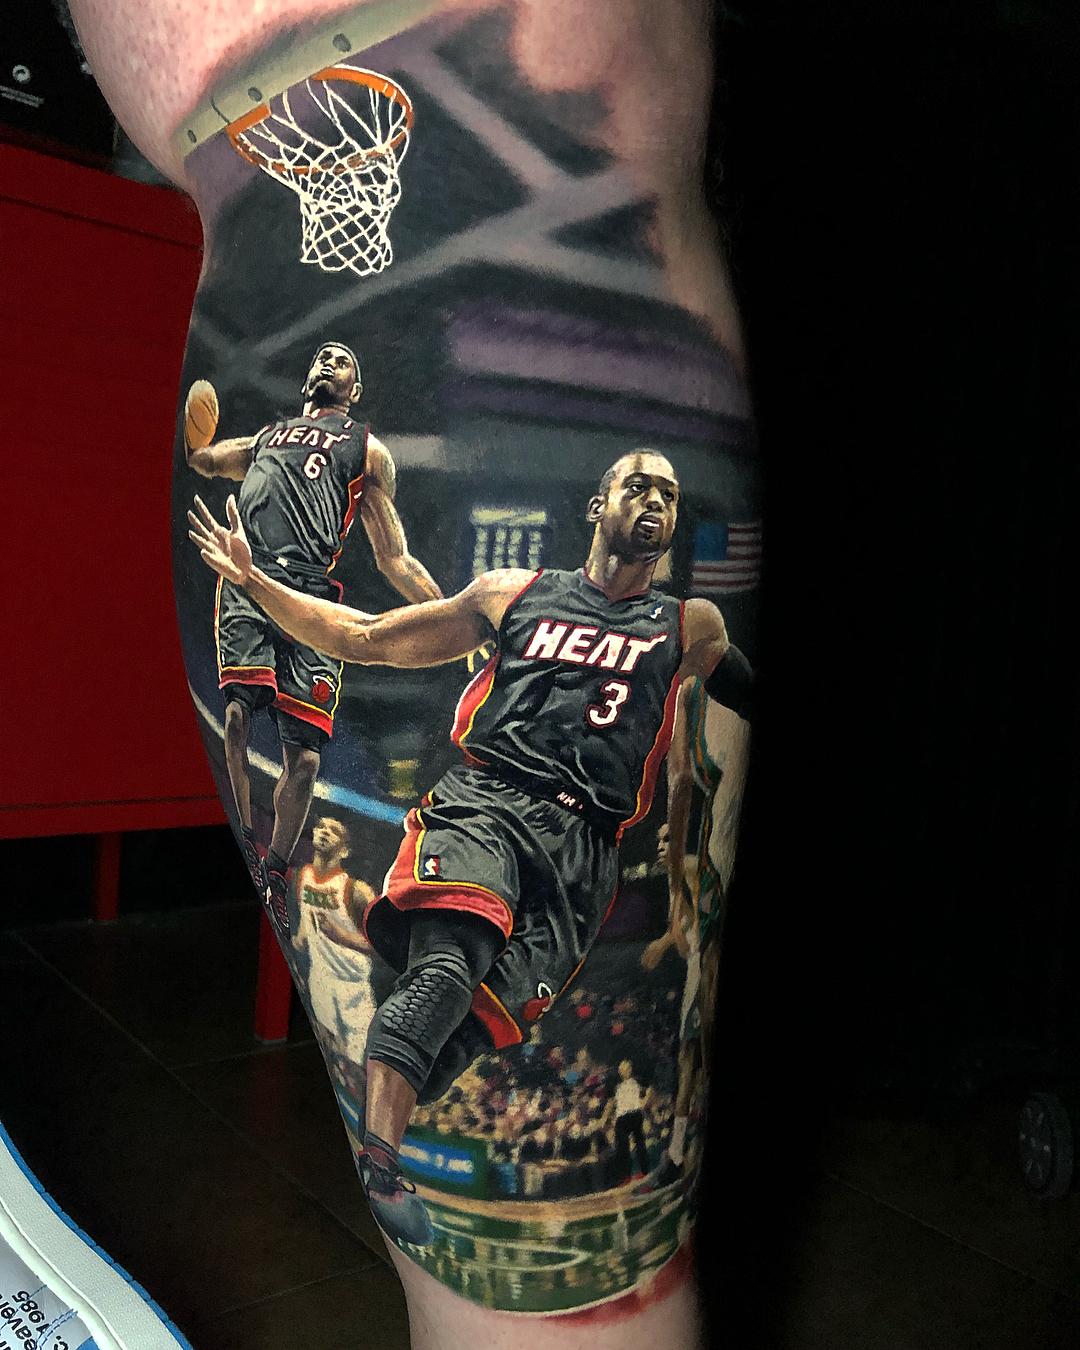 纹身师晒出新作:用了21小时完成了这幅詹韦连线